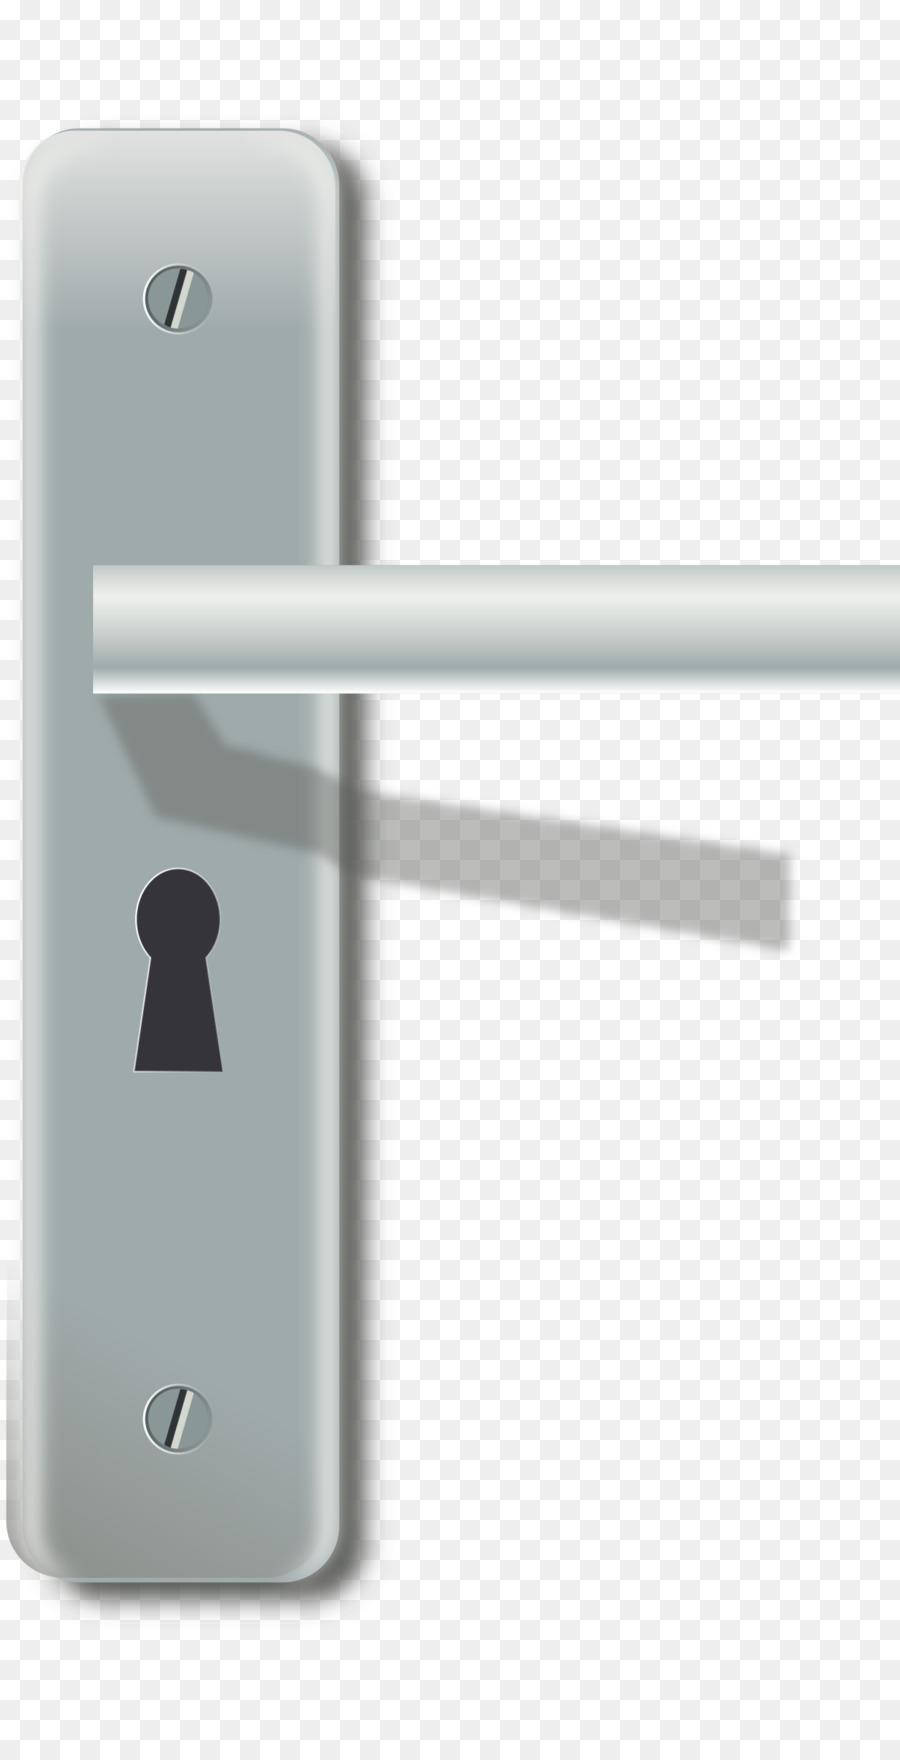 Door latch clipart image library library door handle clipart Door handle Clip art clipart - Lock, transparent ... image library library